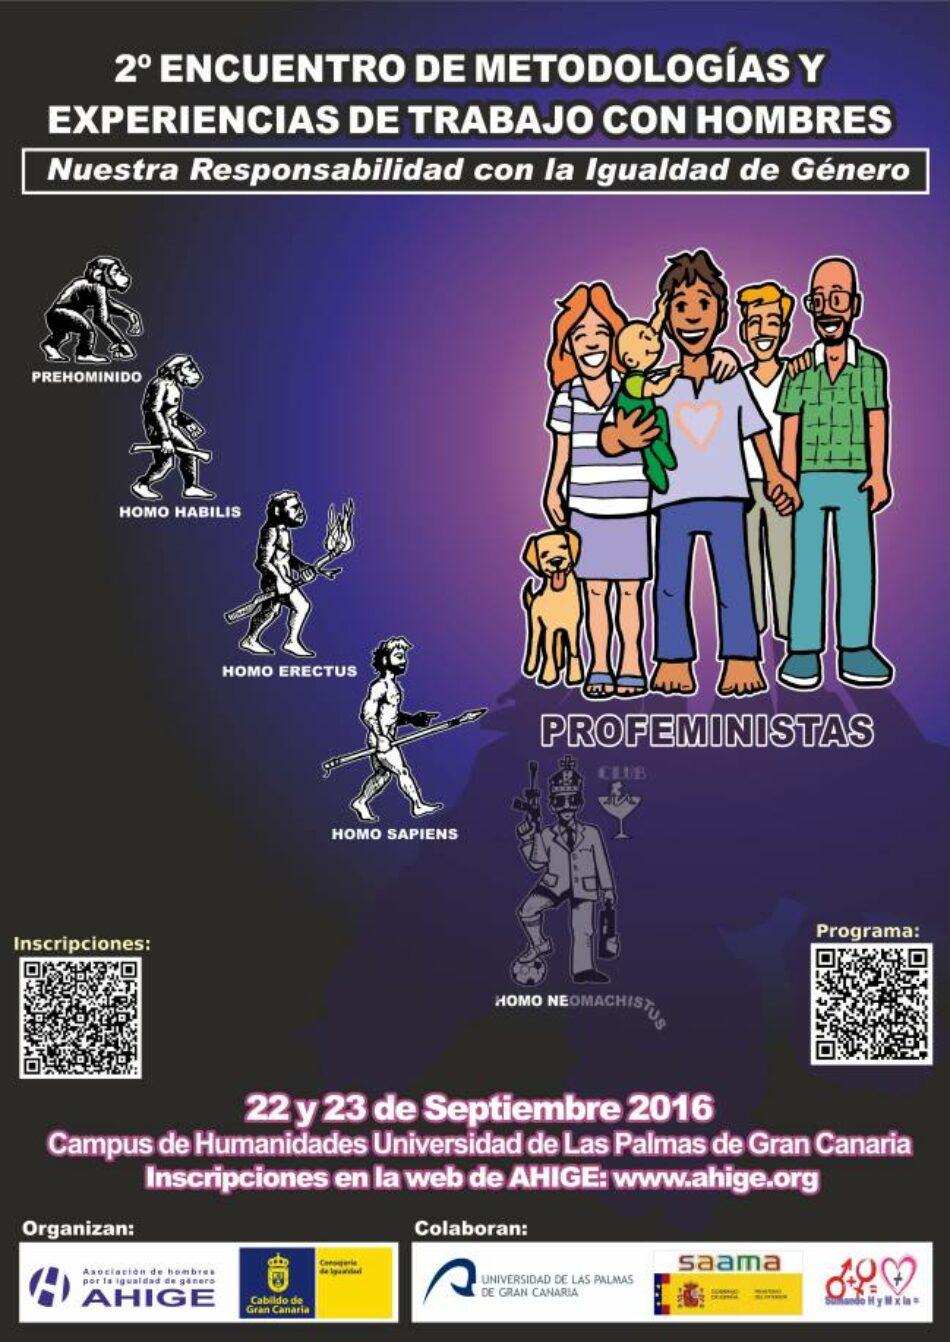 Canarias acoge desde el 22 de septiembre un encuentro de hombres por la igualdad en el que debatirán sobre sus retos y experiencias